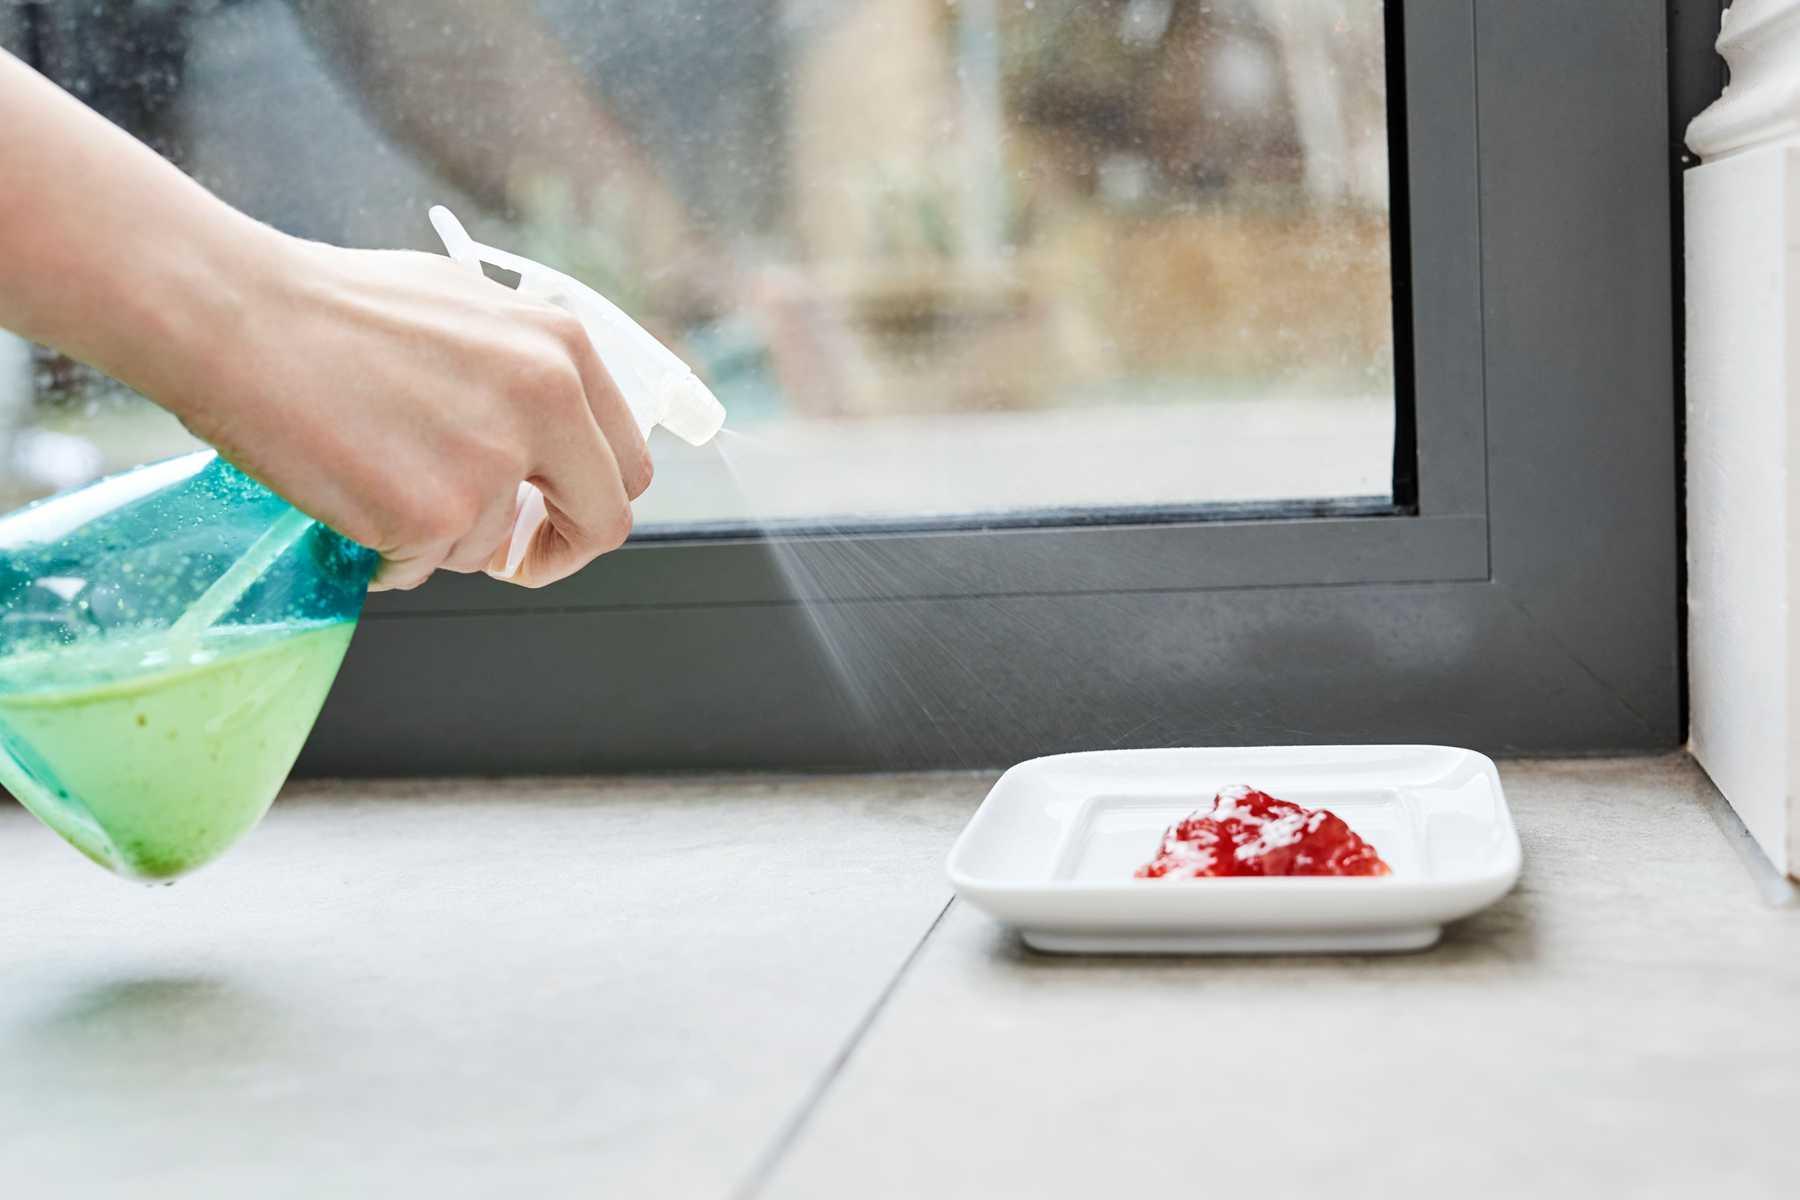 Thuốc diệt kiến có gây độc hại cho người dùng không